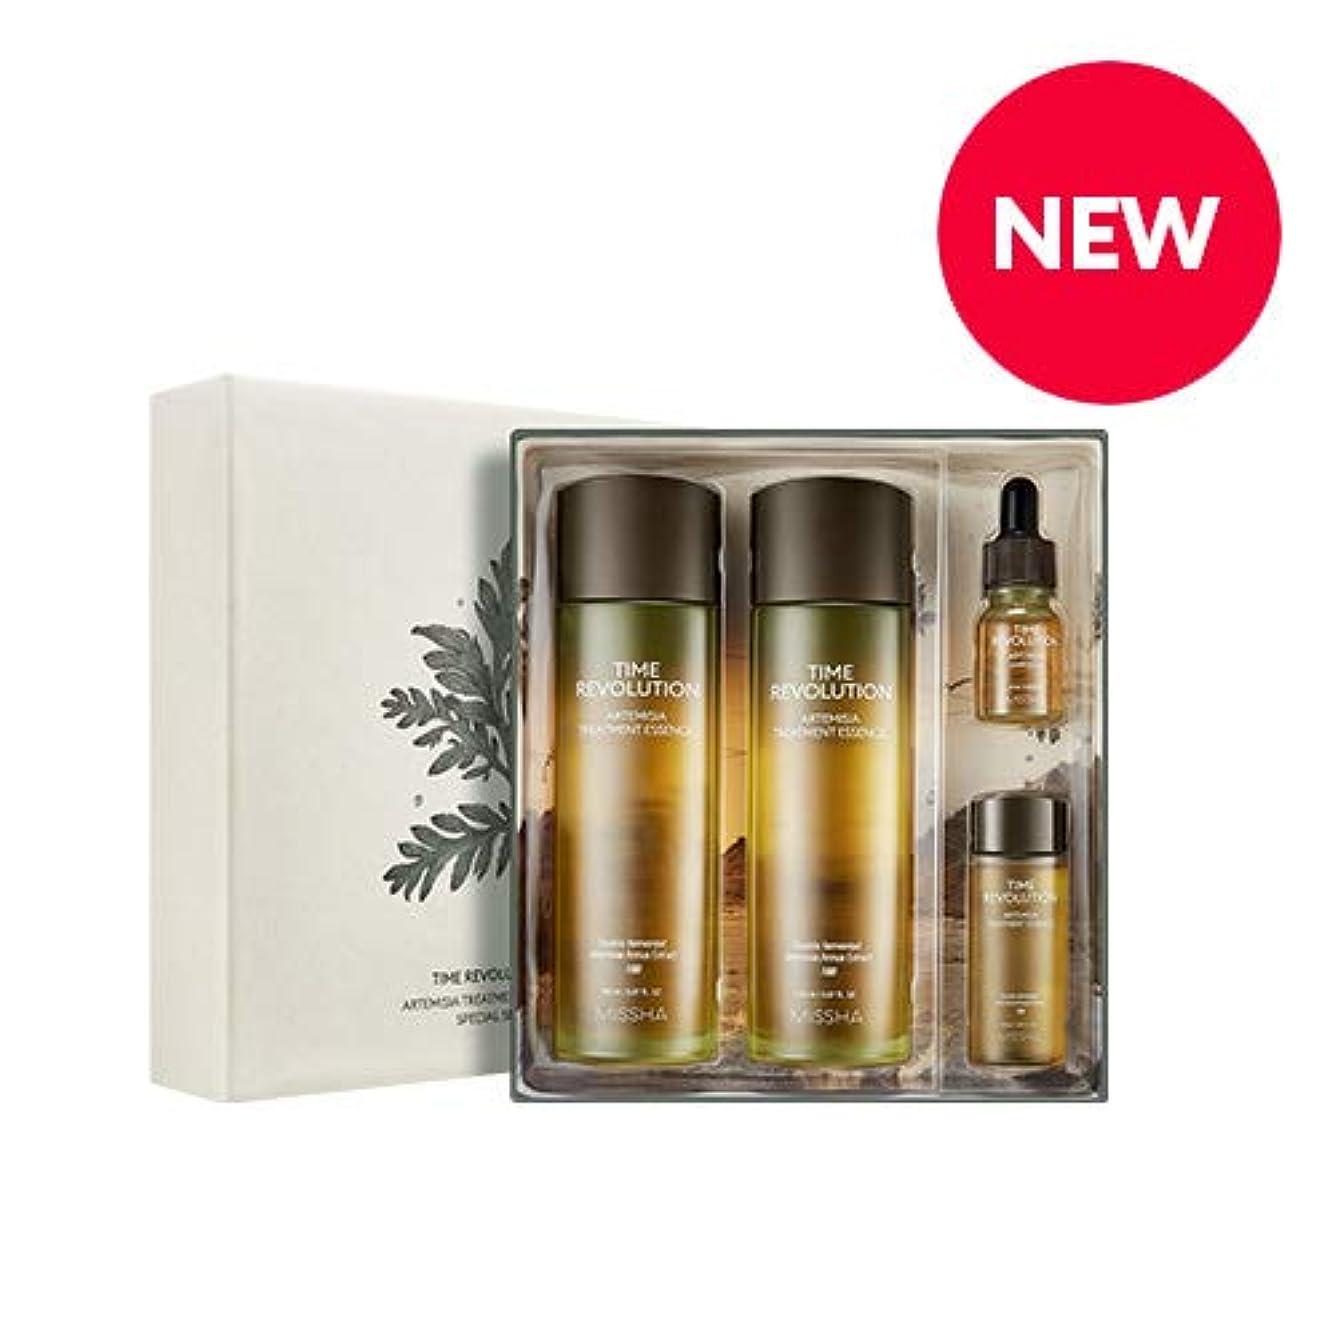 舞い上がる特異性取得MISSHA タイムレボリューションアルテミシアトリートメントエッセンススペシャルセット/Time Revolution Artemisia Treatment Essence Special Set [並行輸入品]